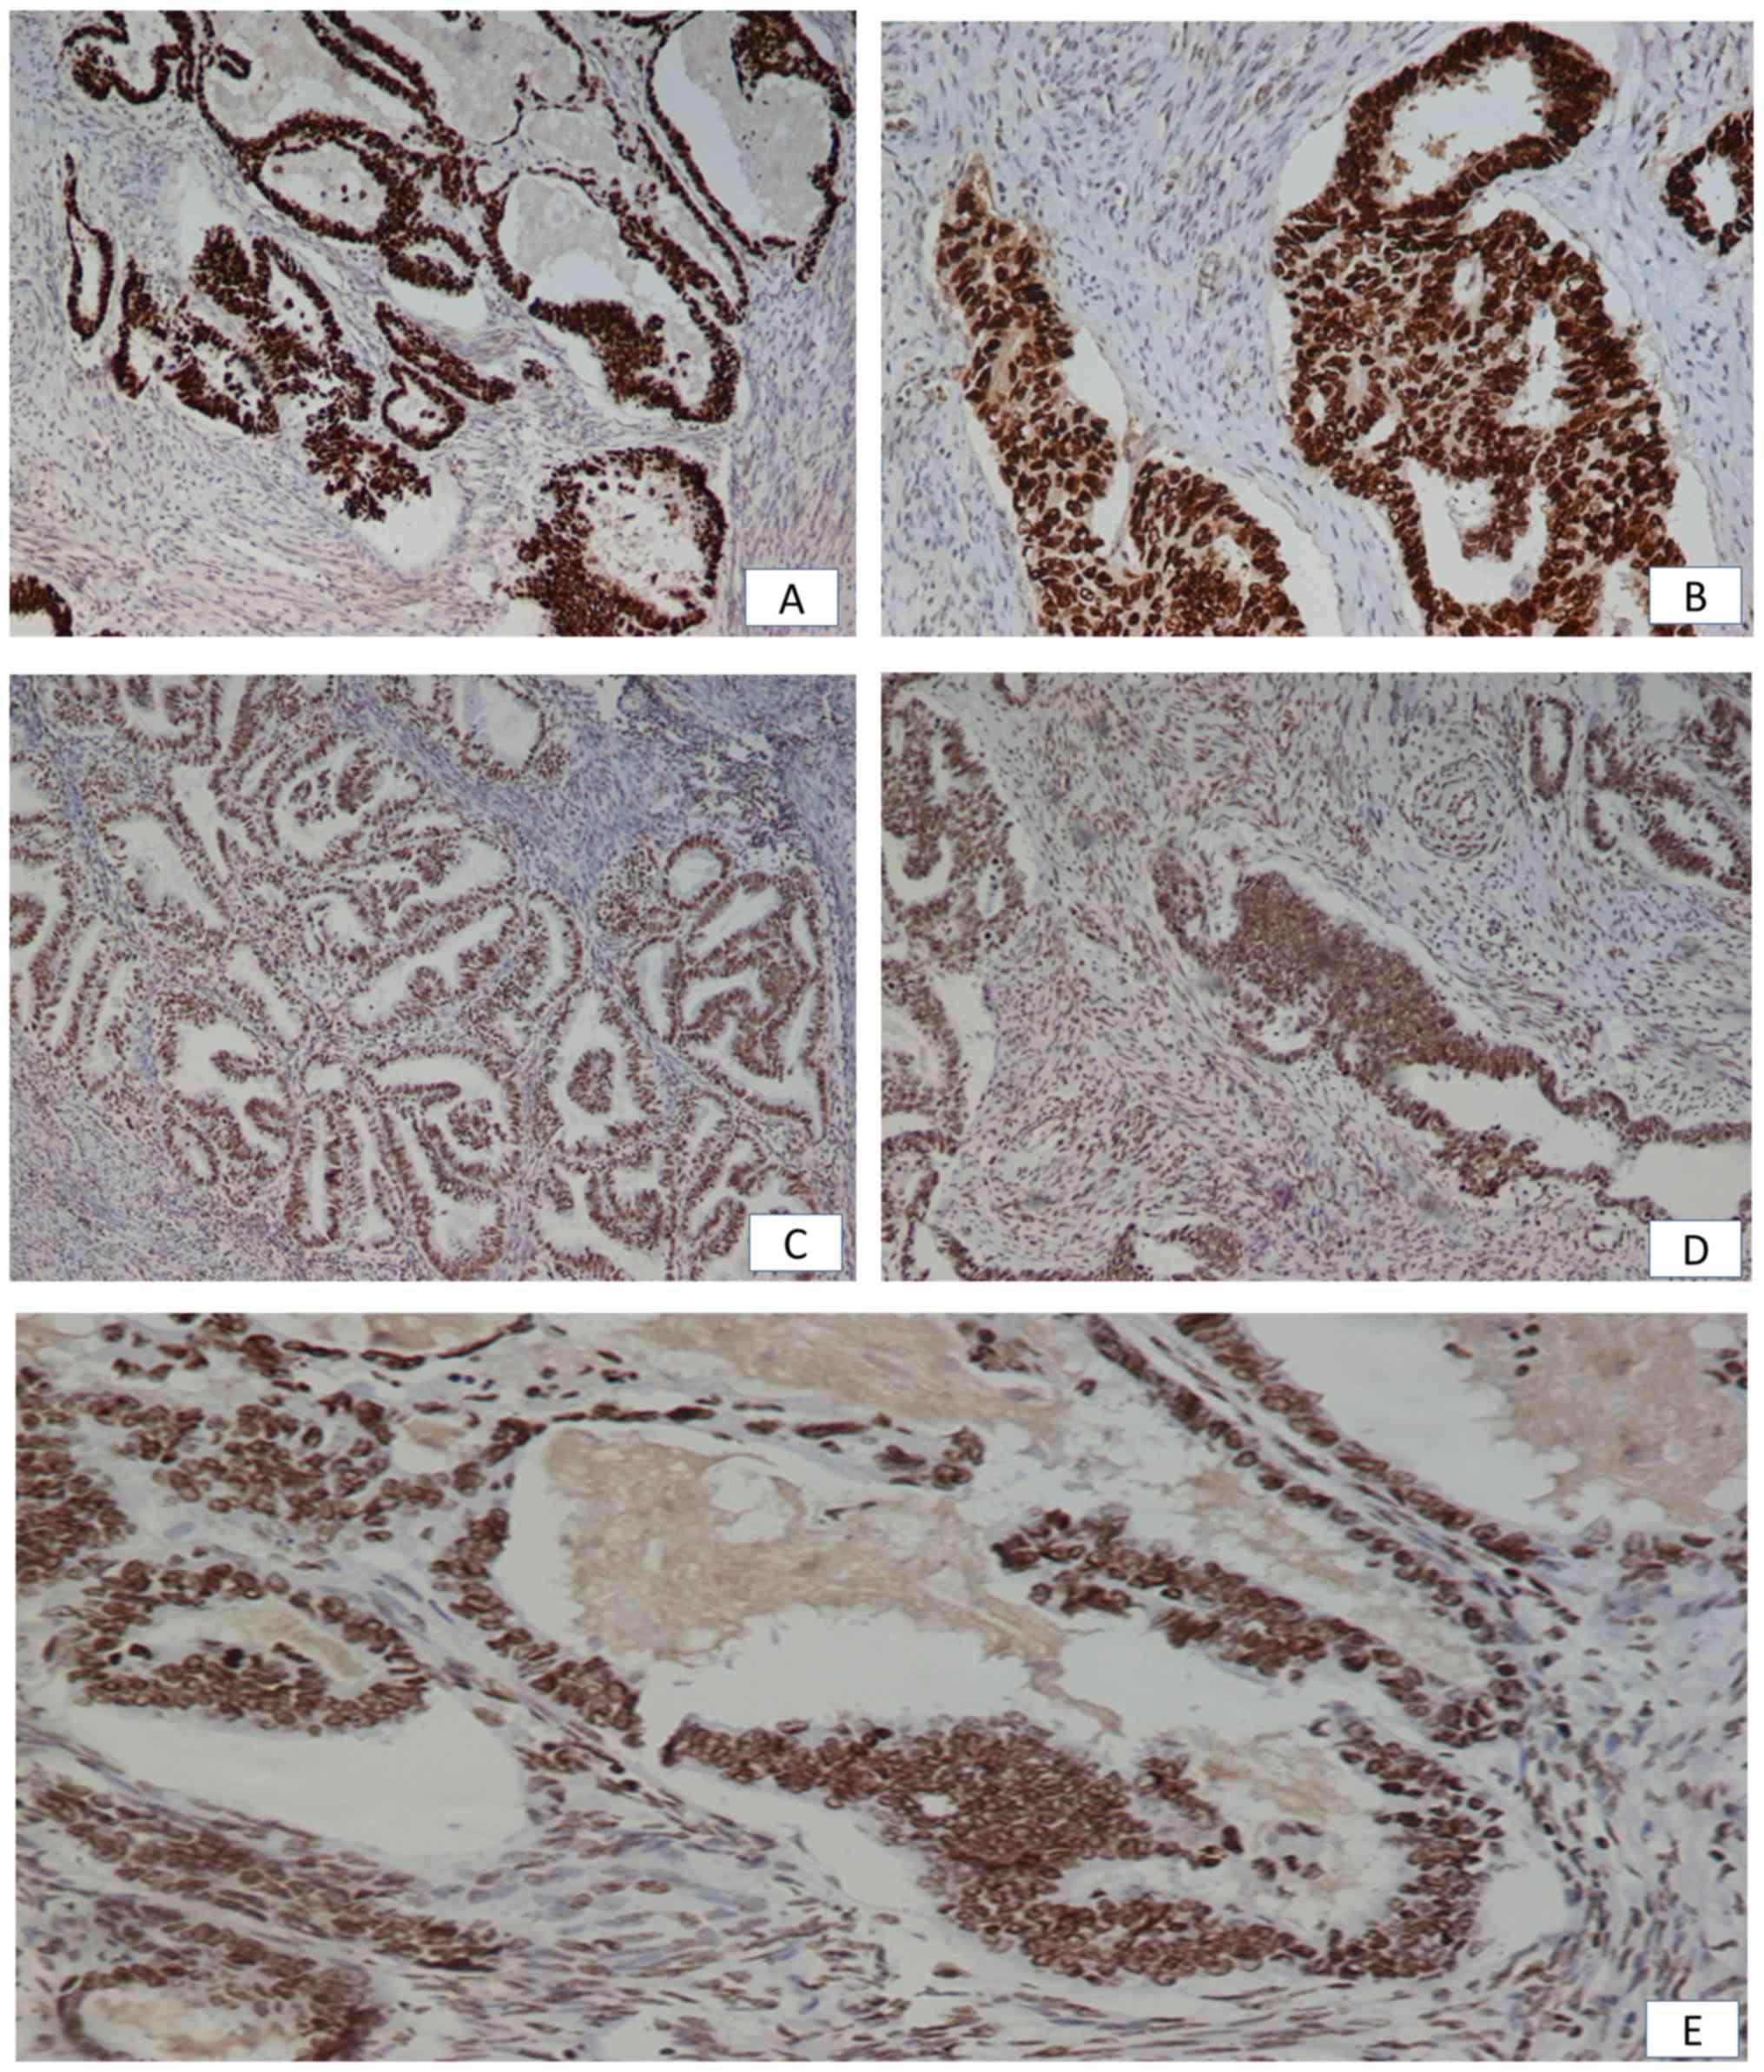 endometrial cancer p53